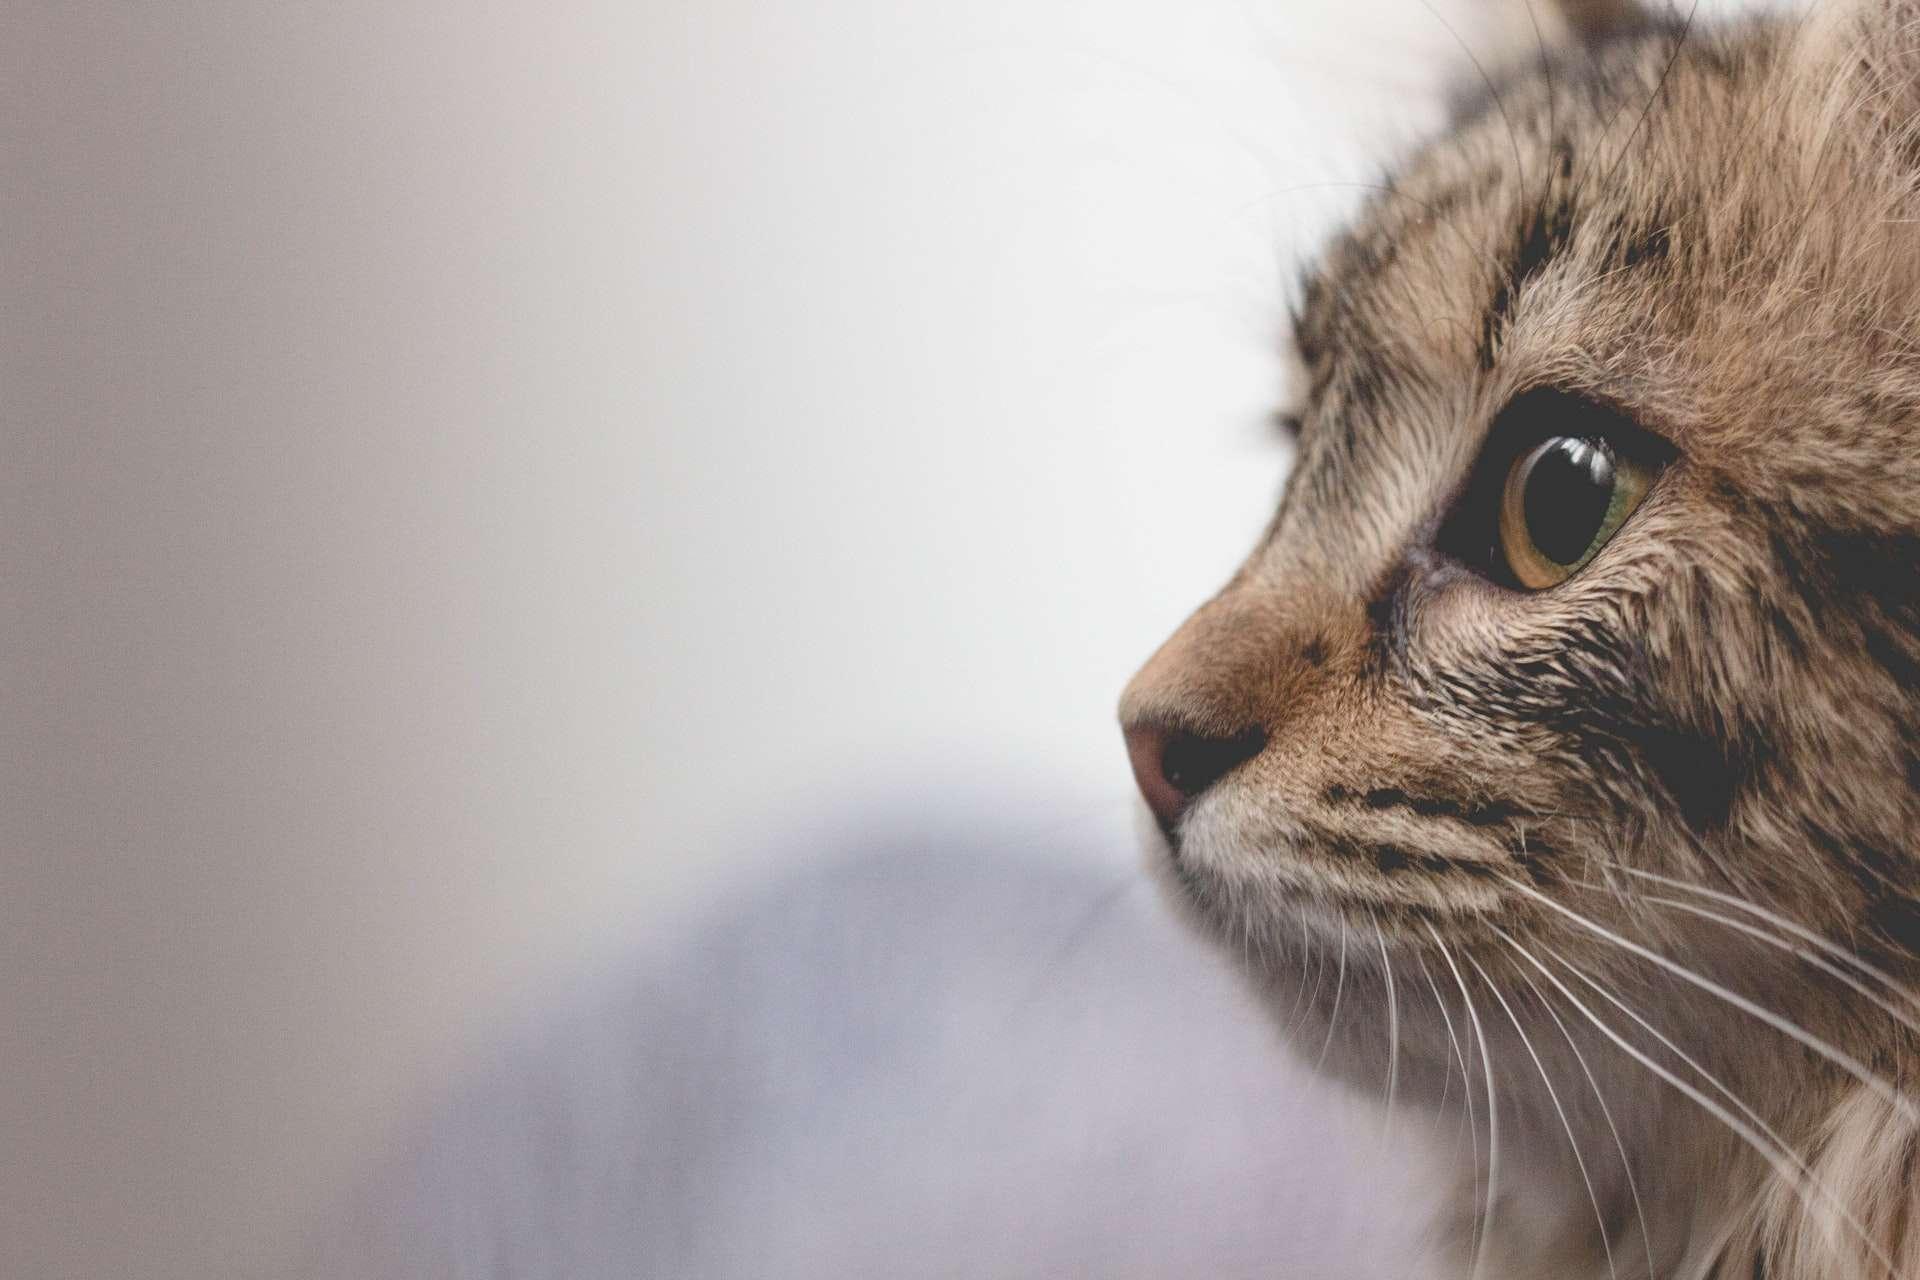 Kediler Kaybolduğunda Nereye Gider? Evden Neden Kaçarlar?